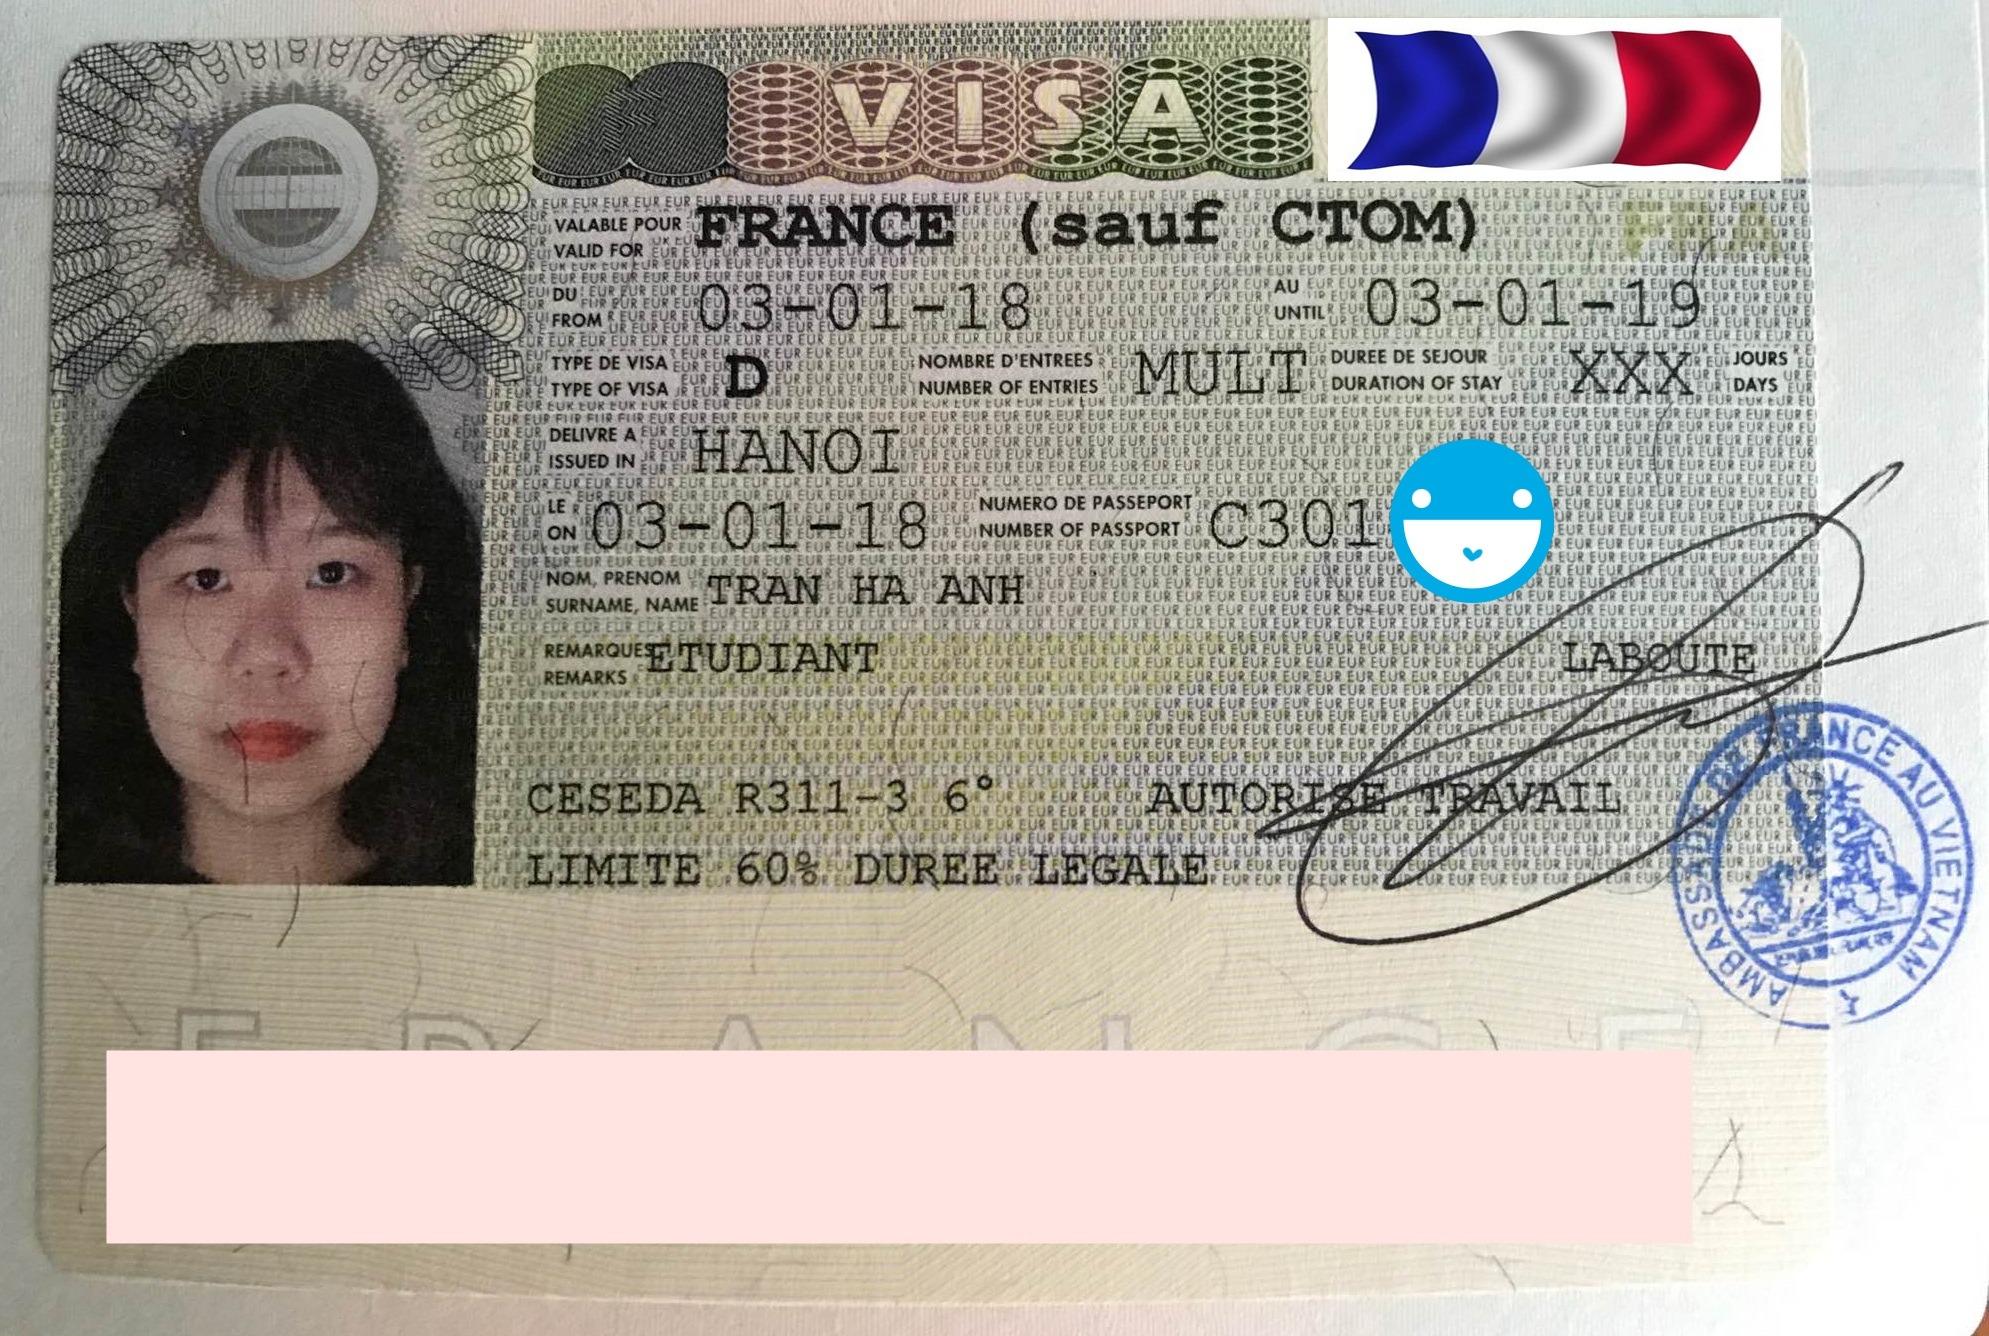 Rực rỡ đầu năm mới với visa du học Pháp dành cho bạn Trần Hà Anh